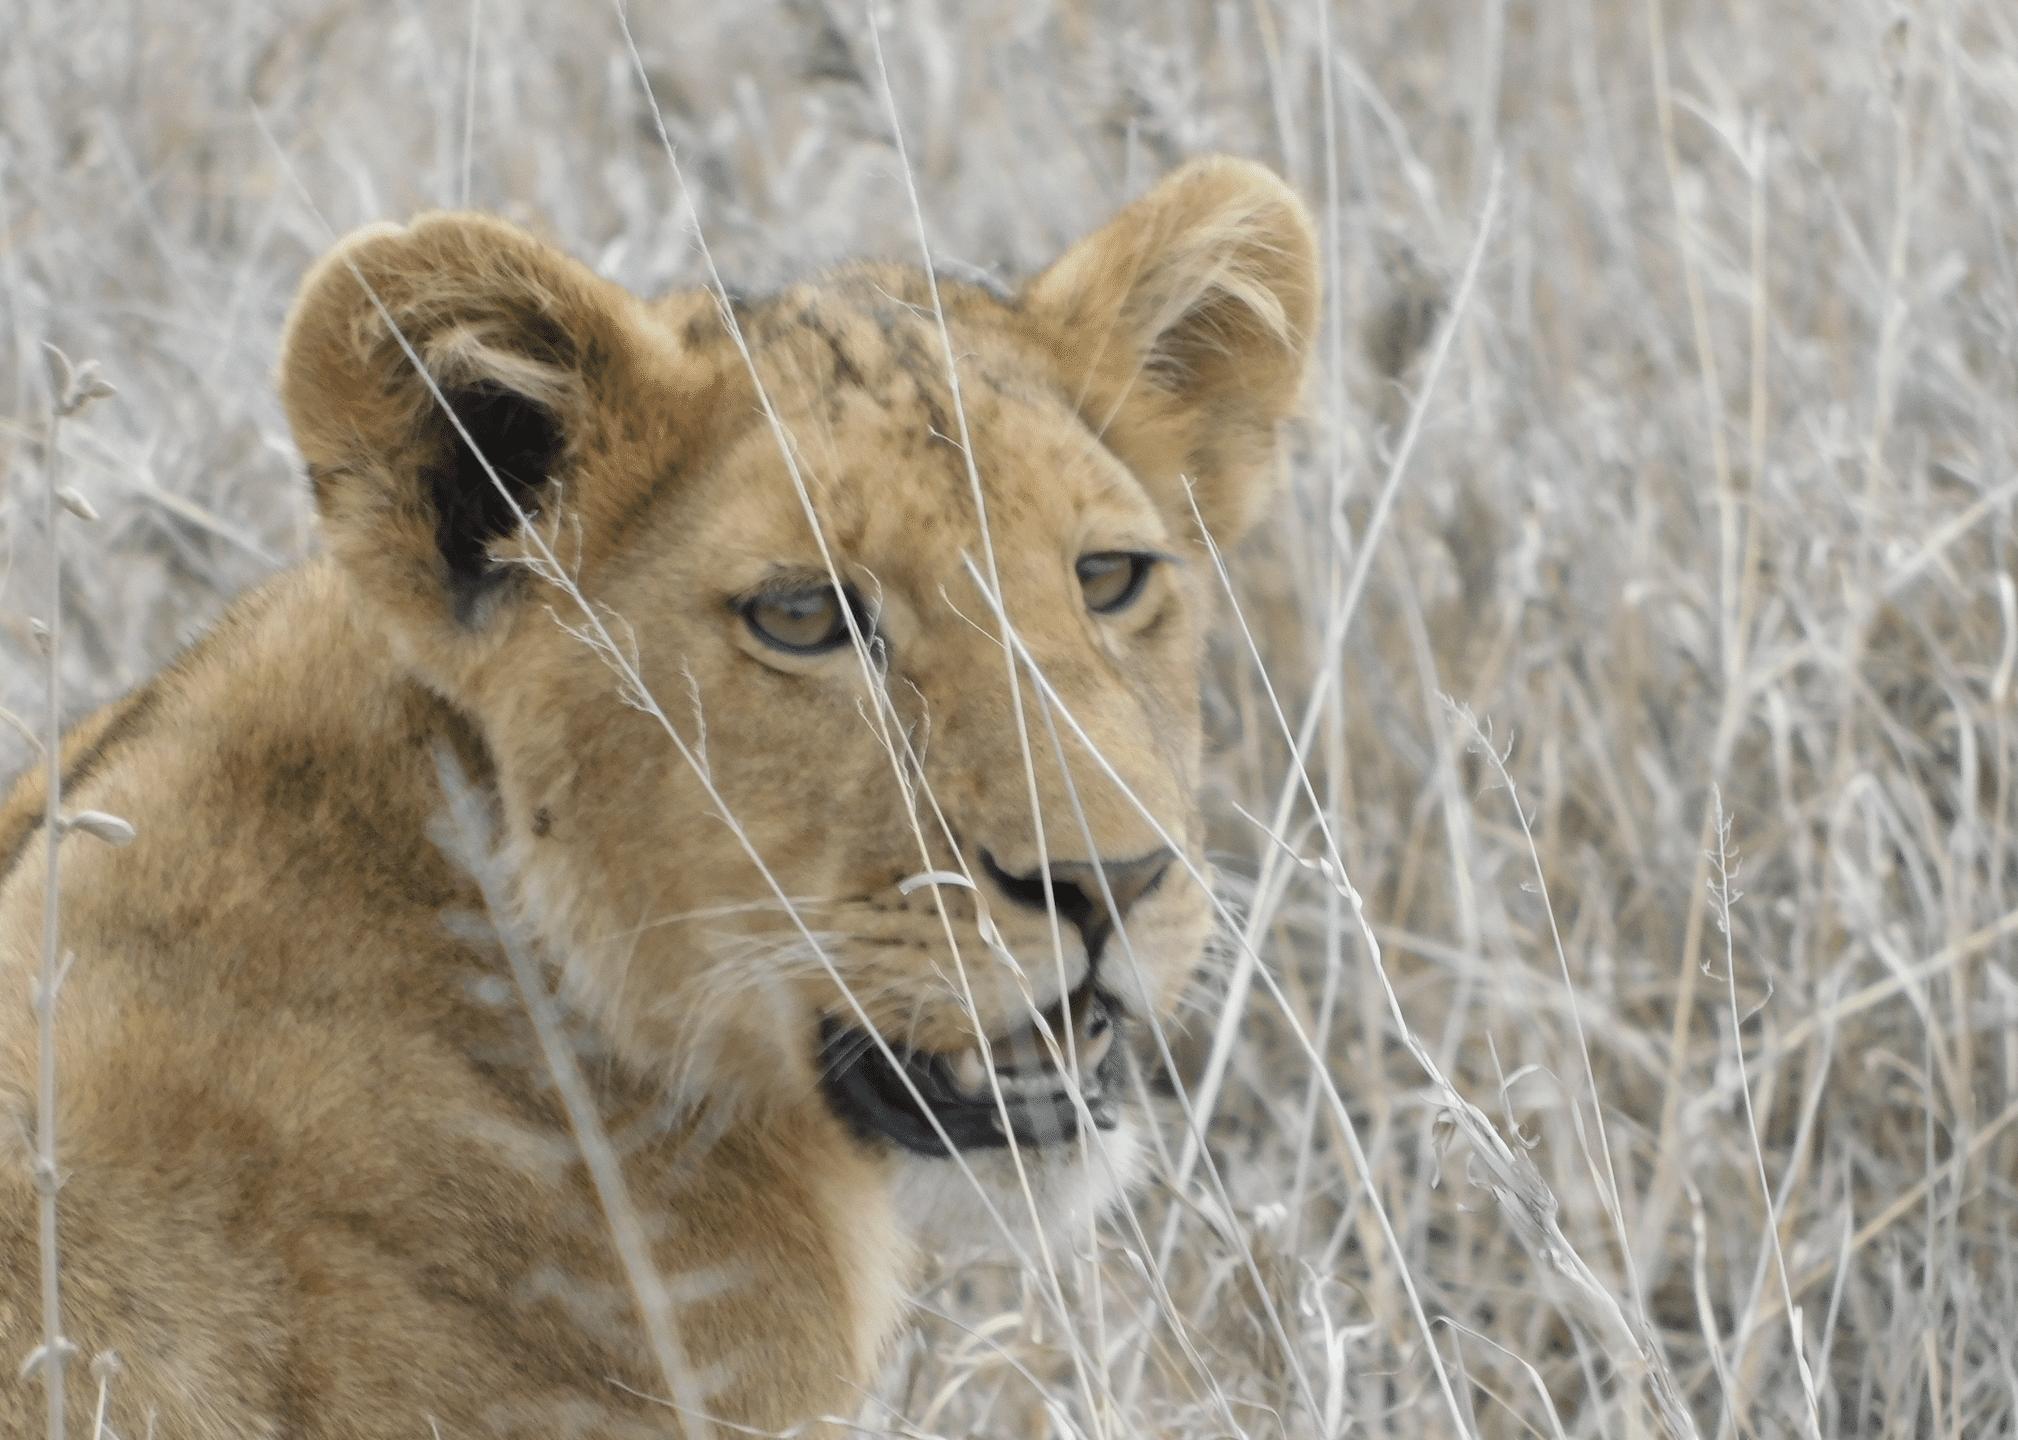 un lionceau dans le parc du serengeti